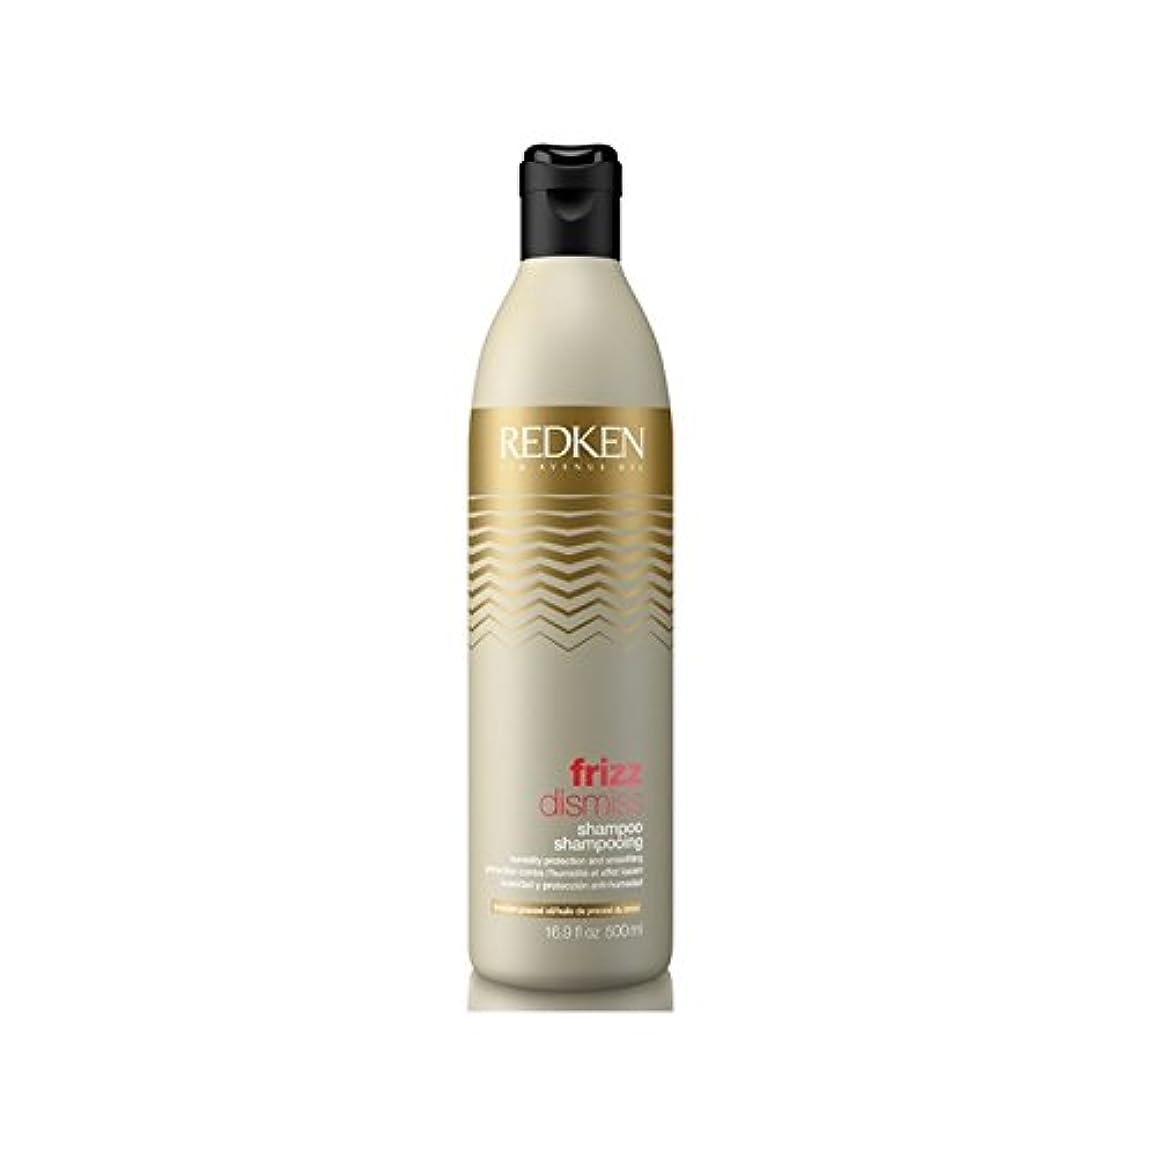 解明整然としたカビレッドケンの縮れシャンプー500ミリリットルを解任 x2 - Redken Frizz Dismiss Shampoo 500ml (Pack of 2) [並行輸入品]